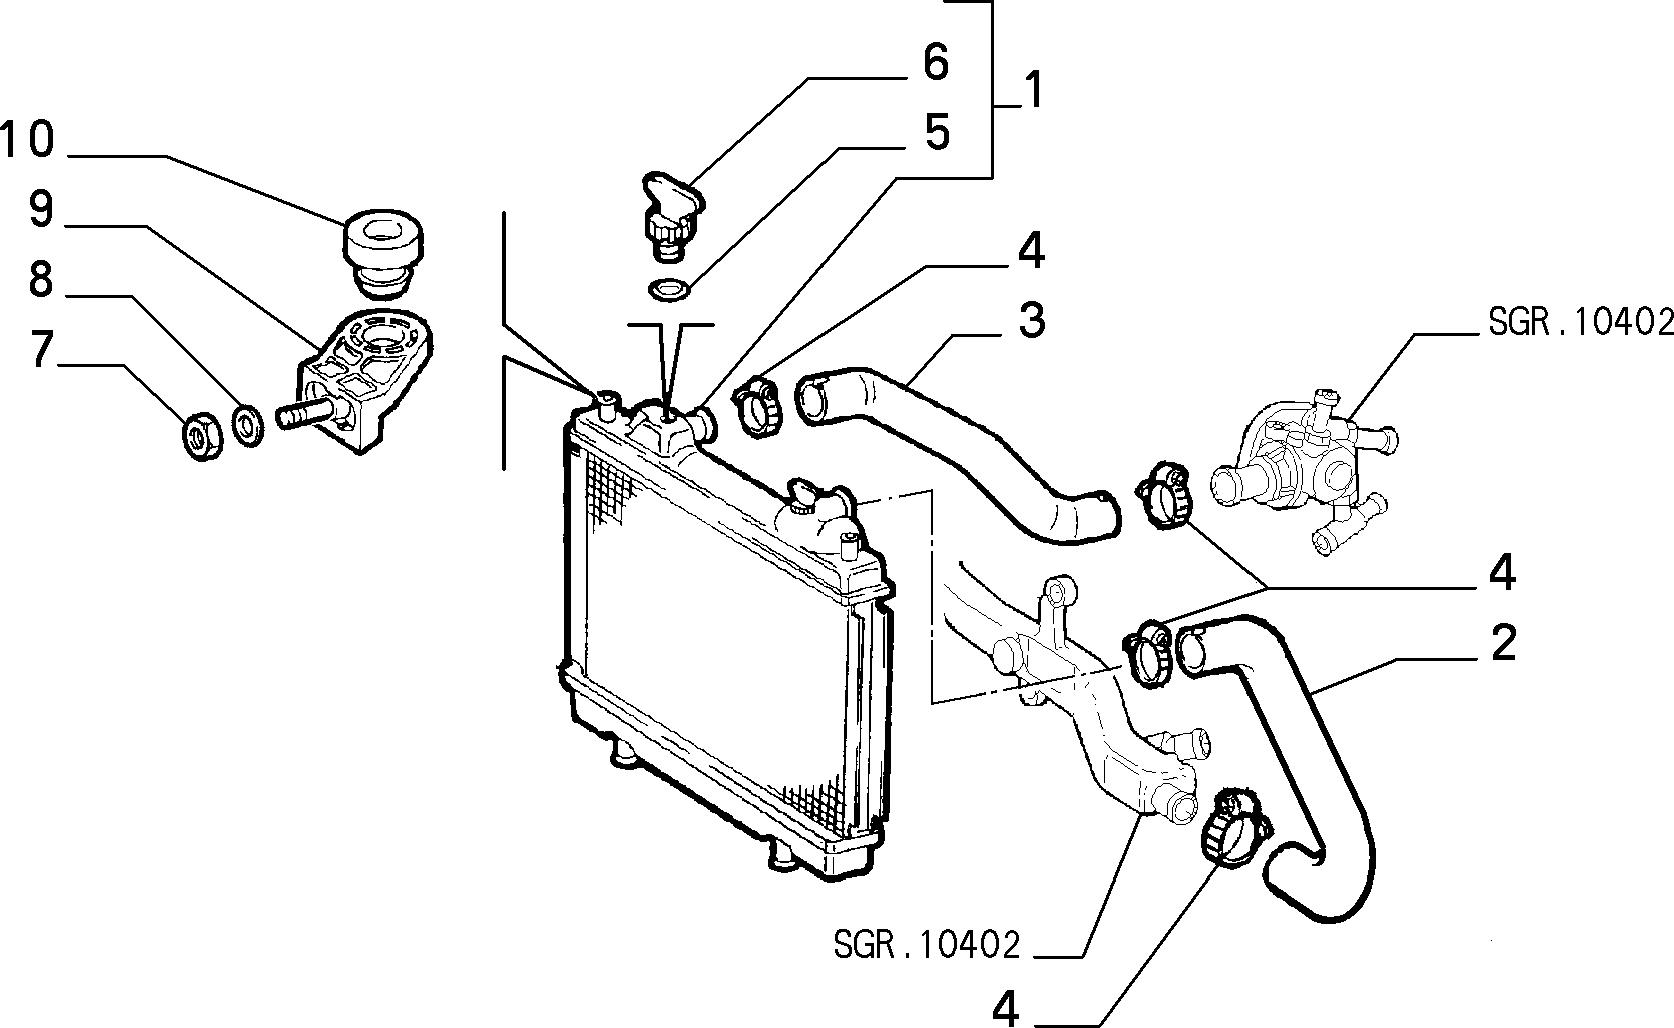 10401/02 РАДИАТОР И ТРУБОПРОВОДЫ